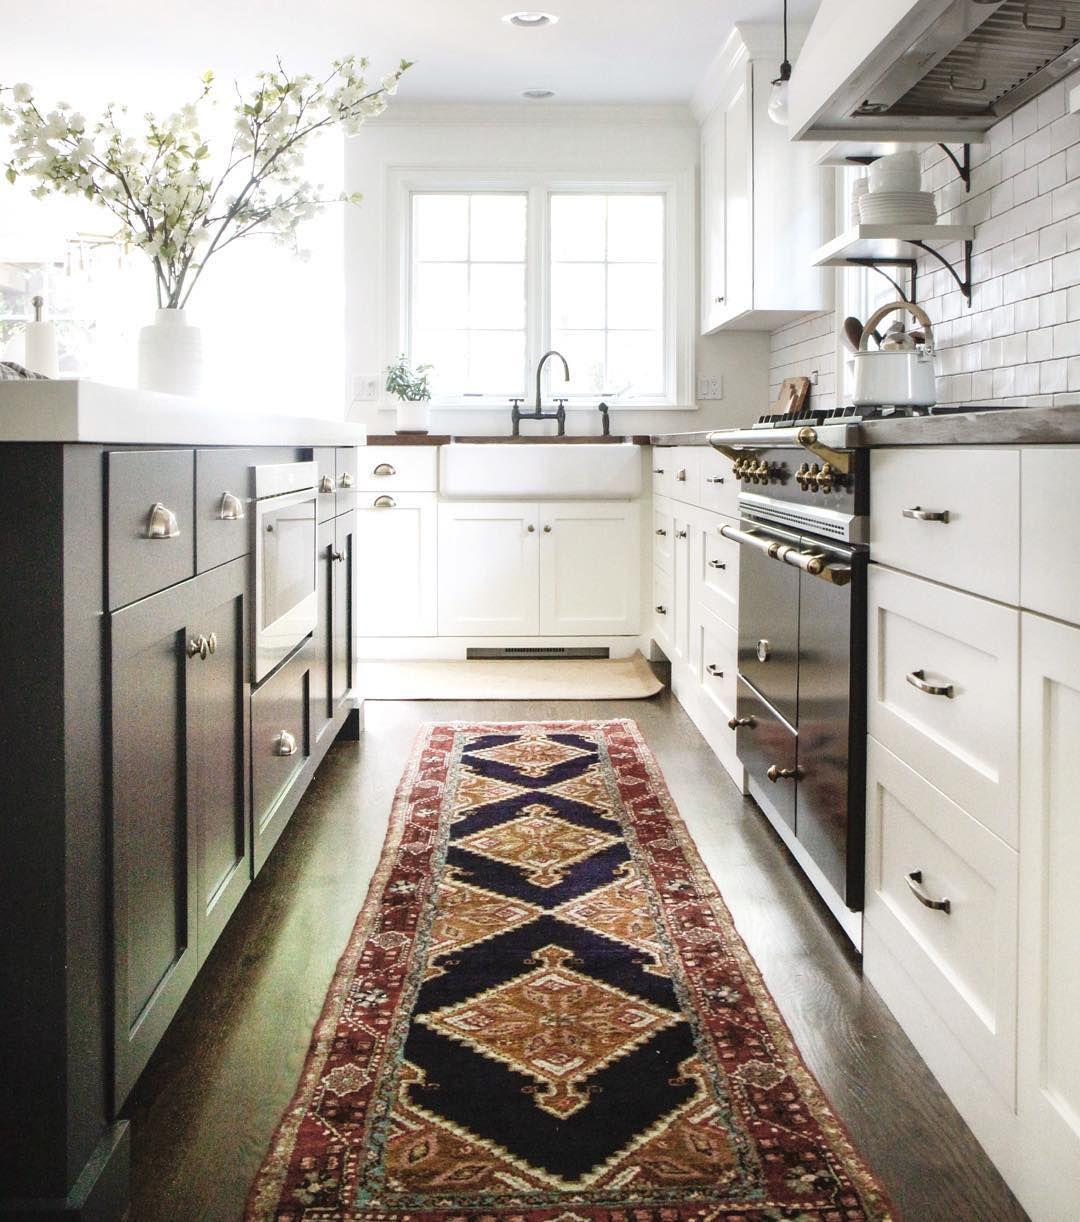 Ikea Kitchen Galley: Kitchen With Antique Rug, Black